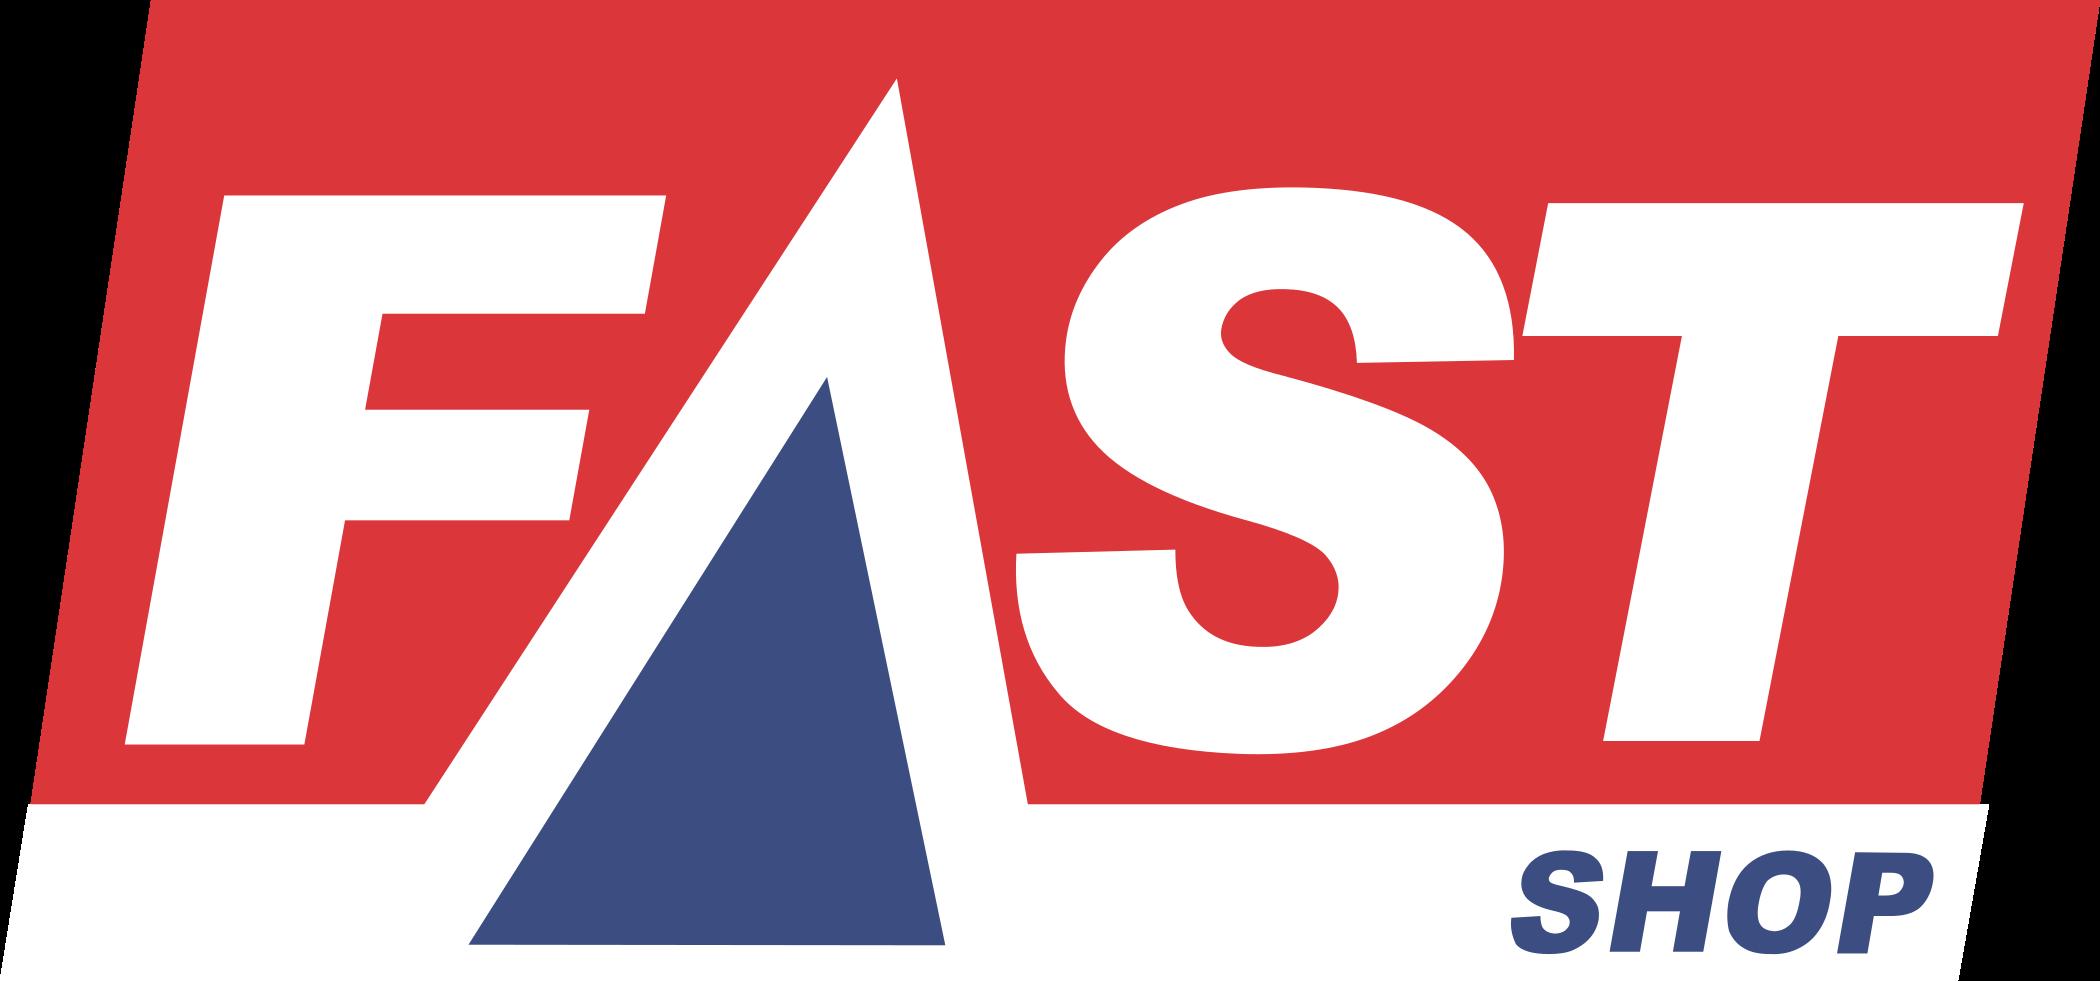 Fast Shop logo.